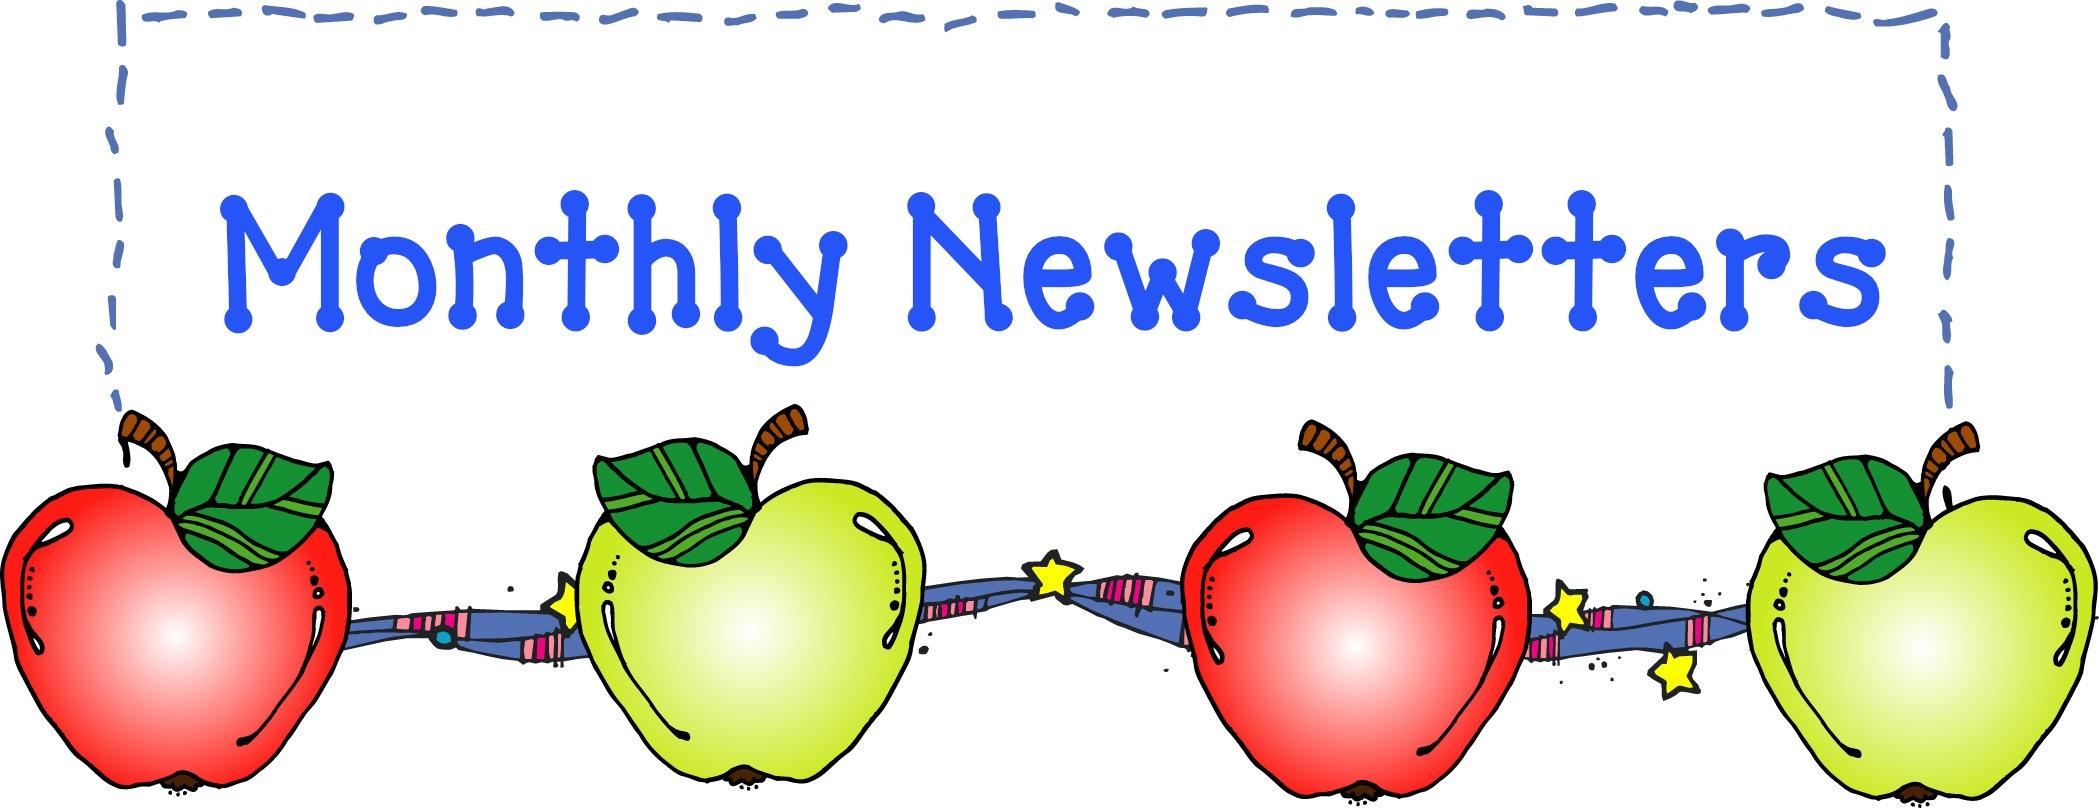 Kindergarten newsletter clipart jpg Kindergarten newsletter clipart - ClipartFest jpg